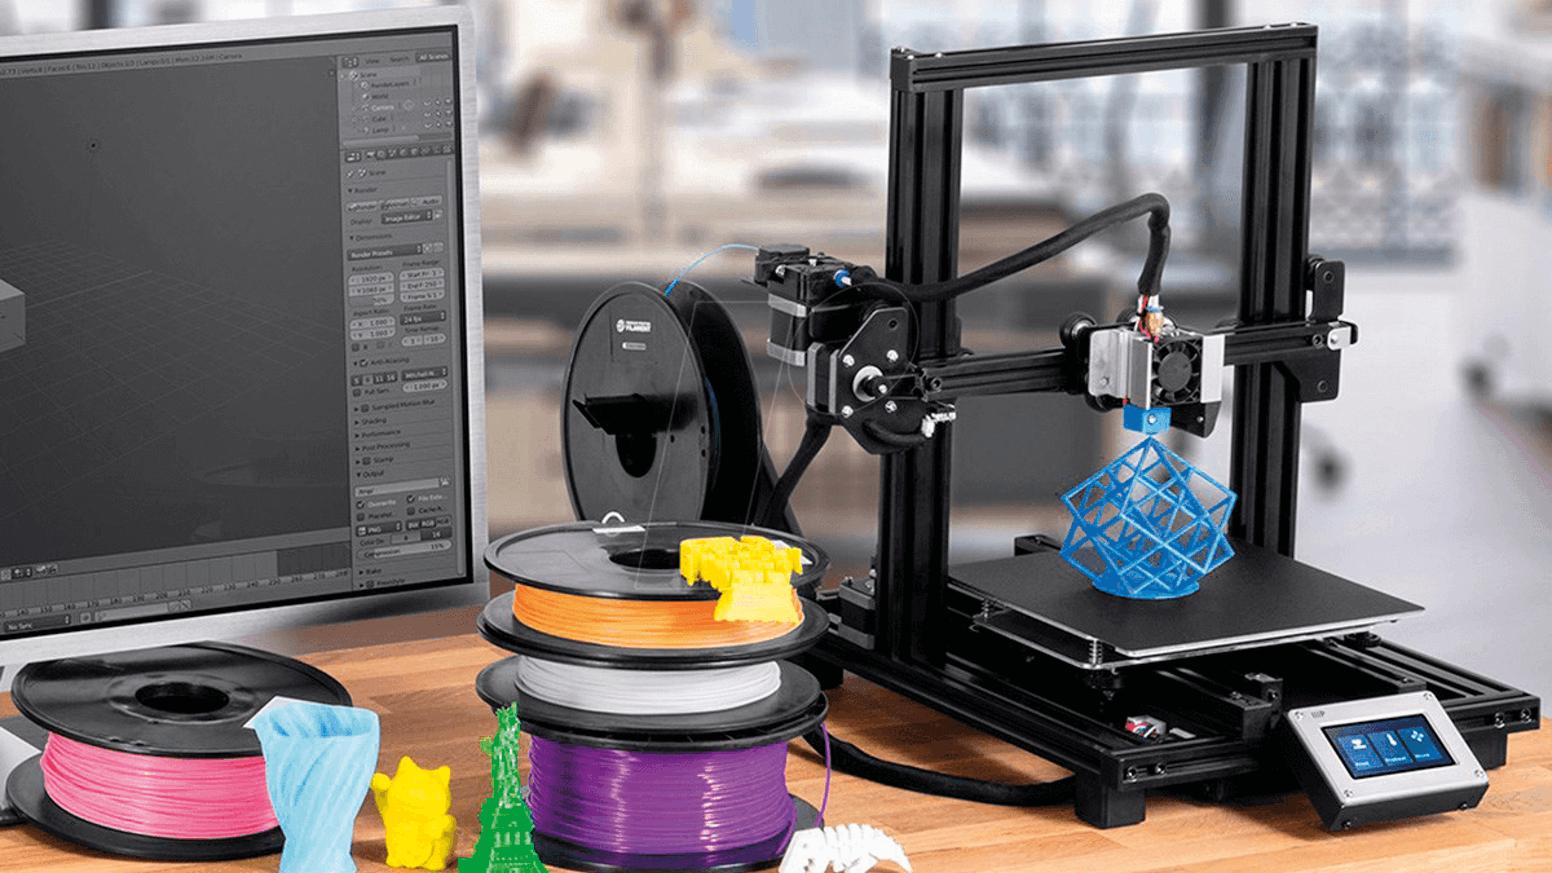 3Dプリンターアカデミーのキックスターターキャンペーンが開始